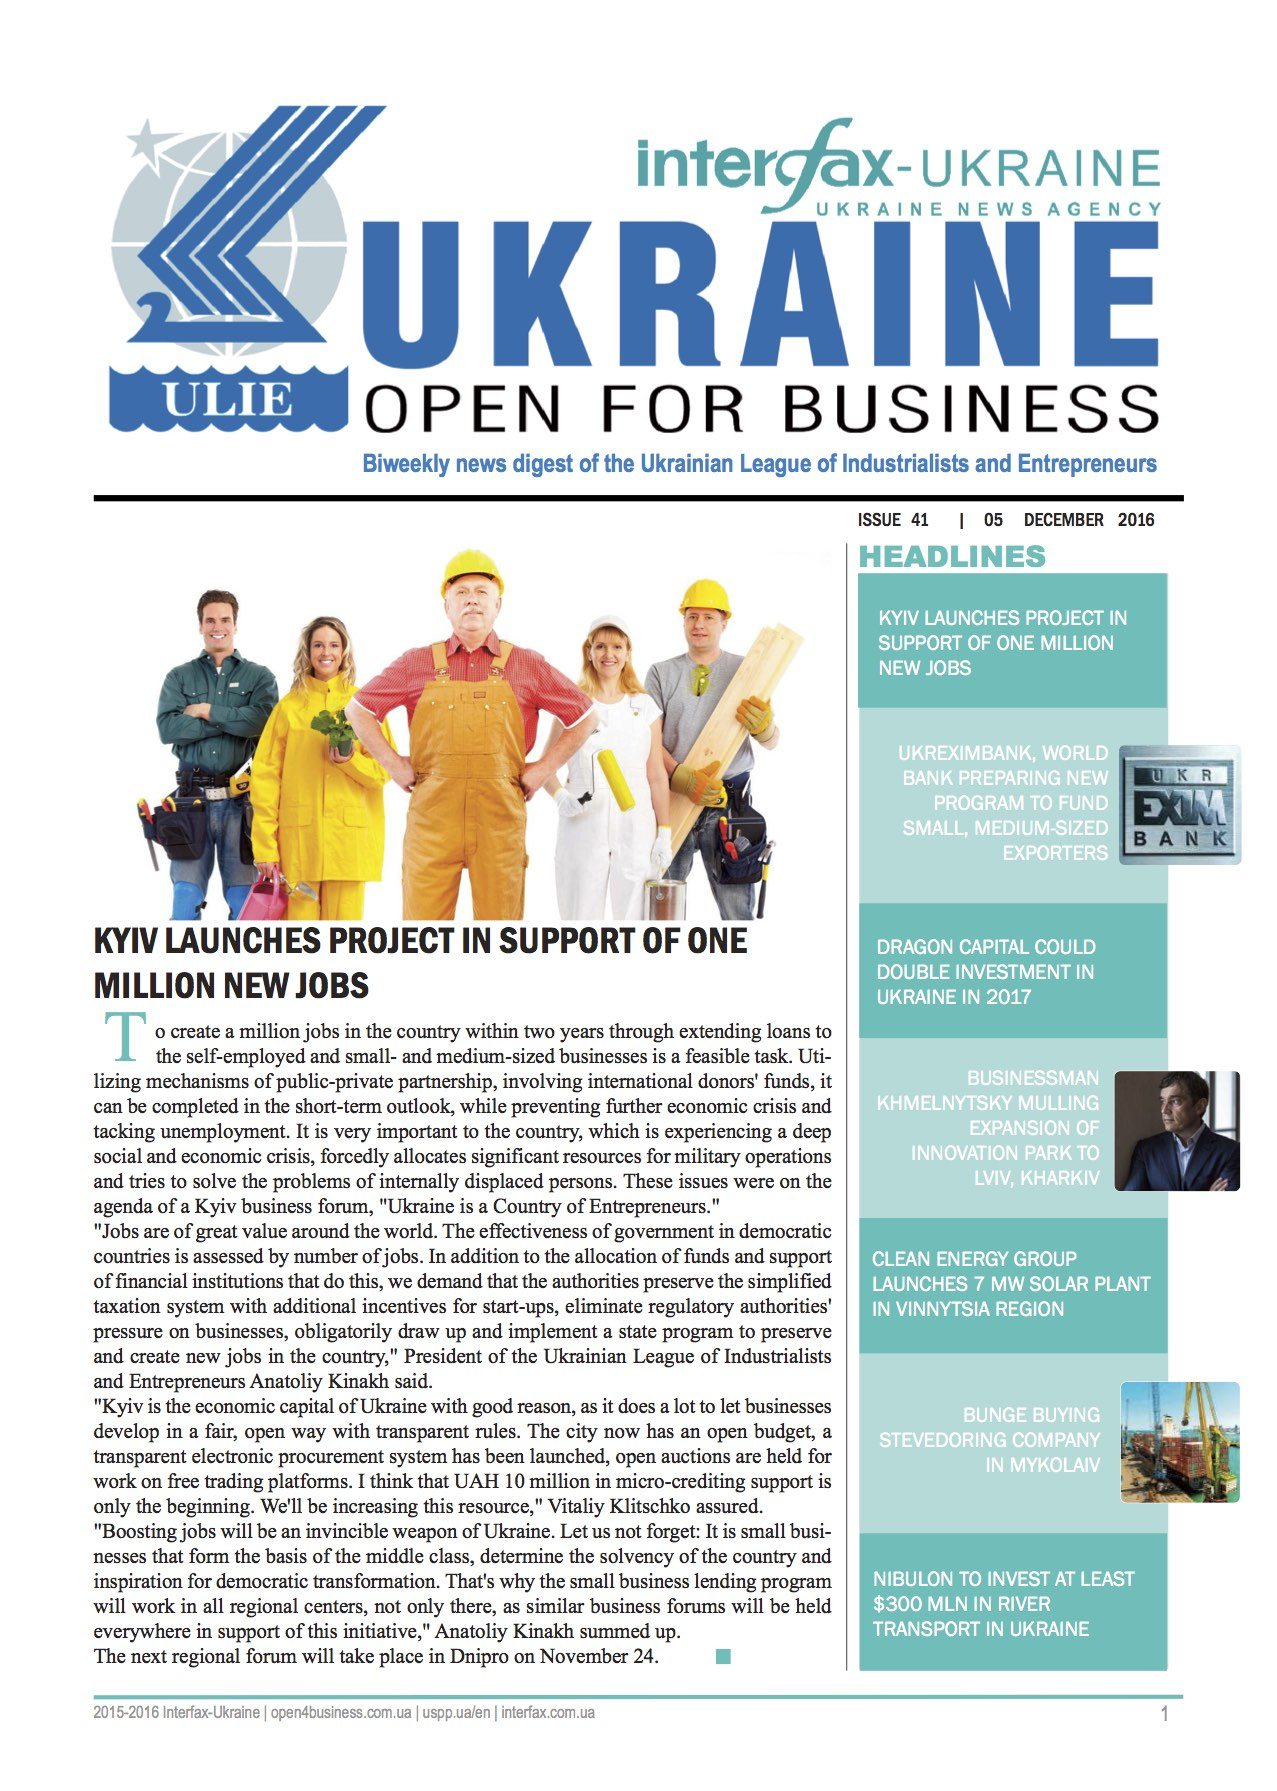 ukraine-open-for-business_interfax-ukraine41